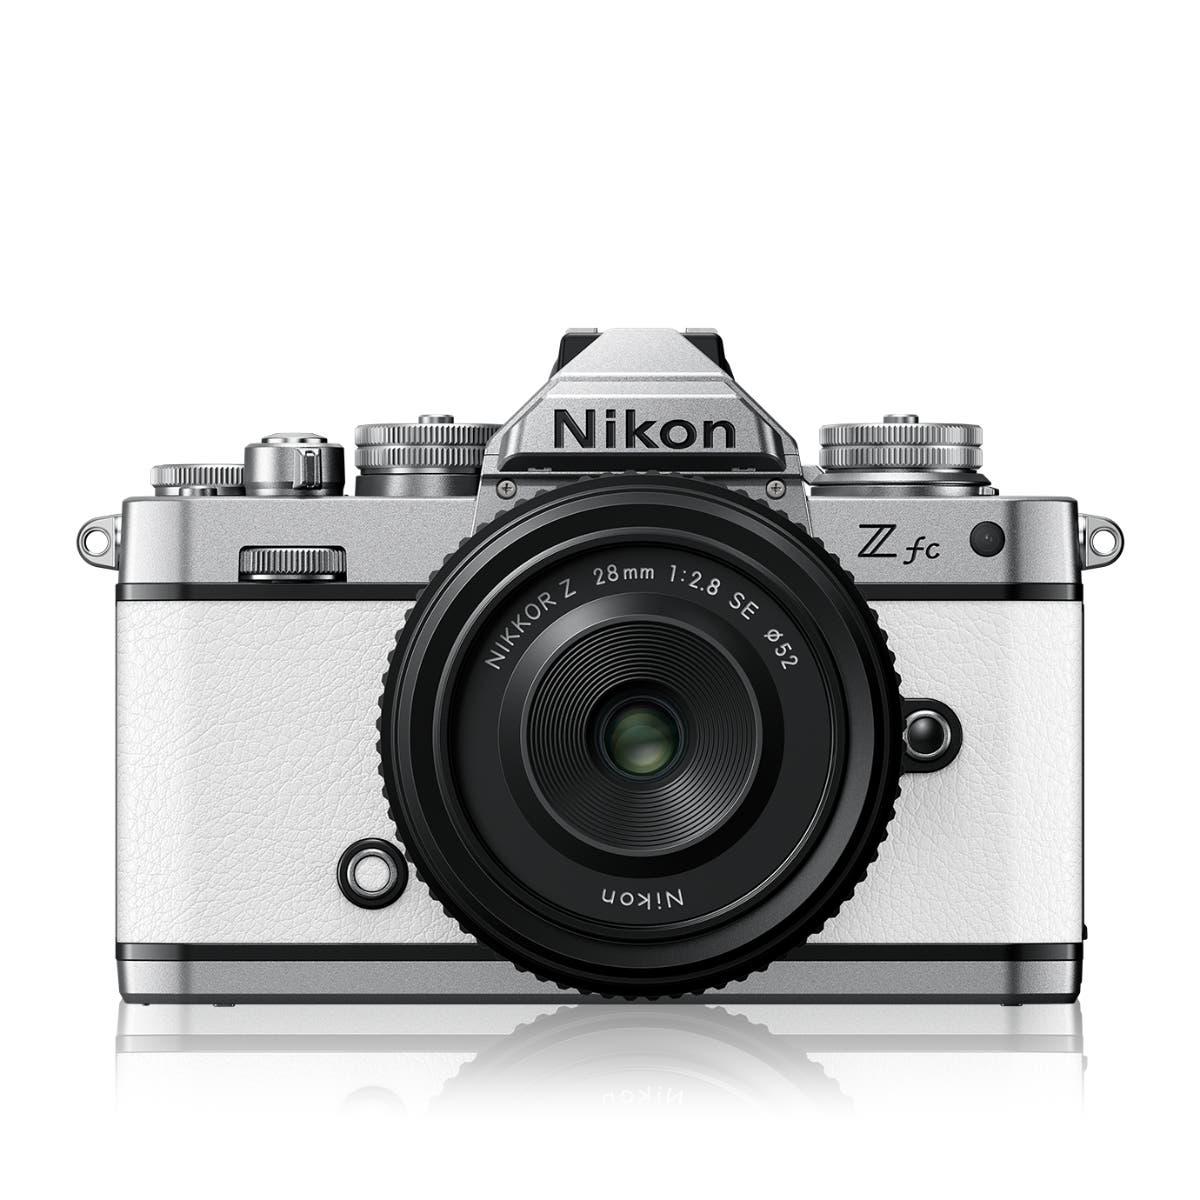 Z fc White + NIKKOR Z 28 f/2.8 (SE)